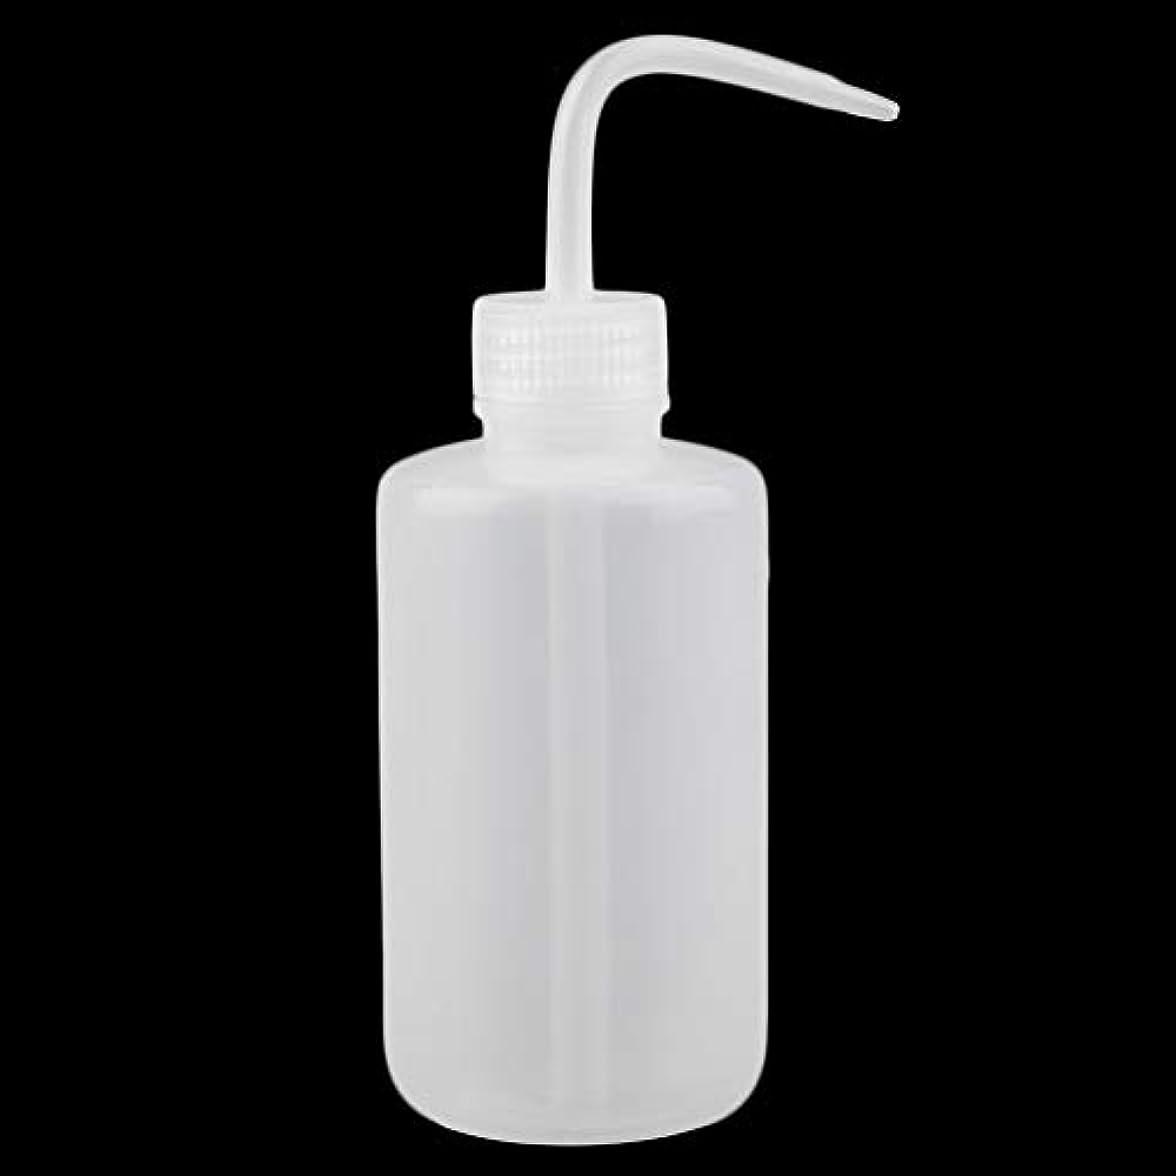 行き当たりばったり批判不透明なプラスチックスクイズボトル250ミリリットルタトゥー洗浄ボトルユニバーサル非スプレー水ディフューザーポータブル美容アクセサリー(Color:white)